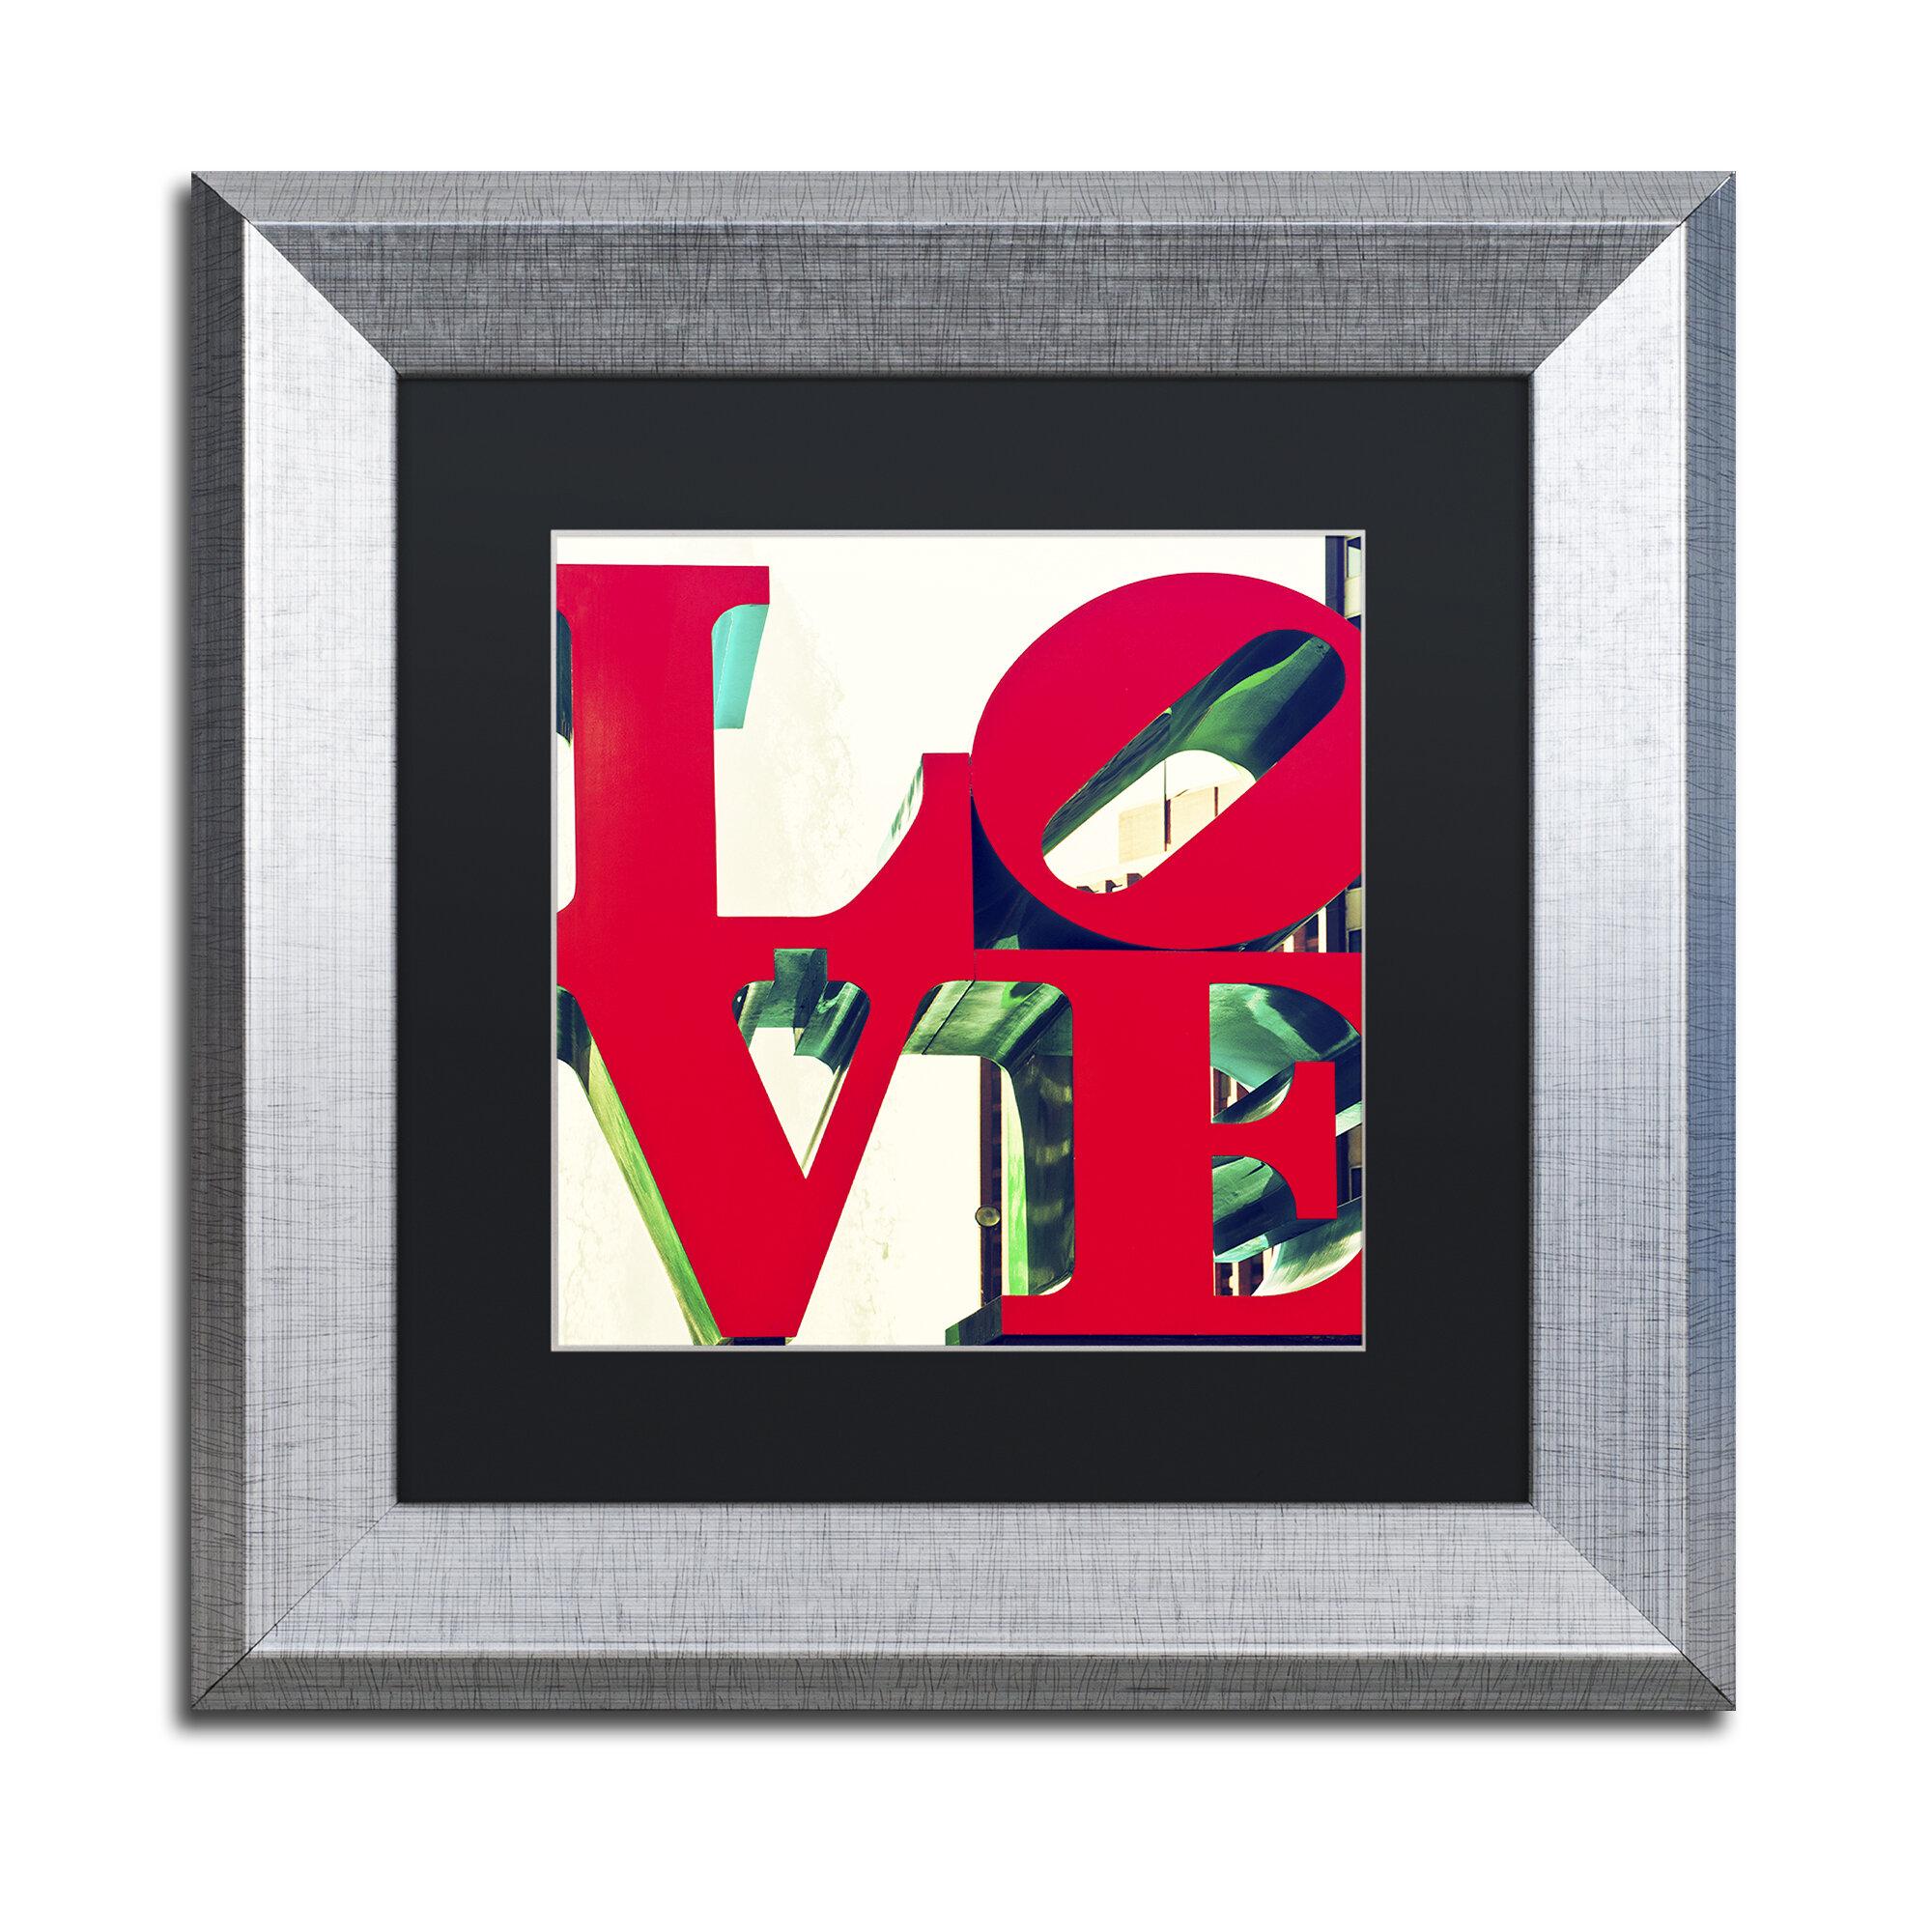 Trademark Art Love By Philippe Hugonnard Framed Photograph On Canvas Wayfair